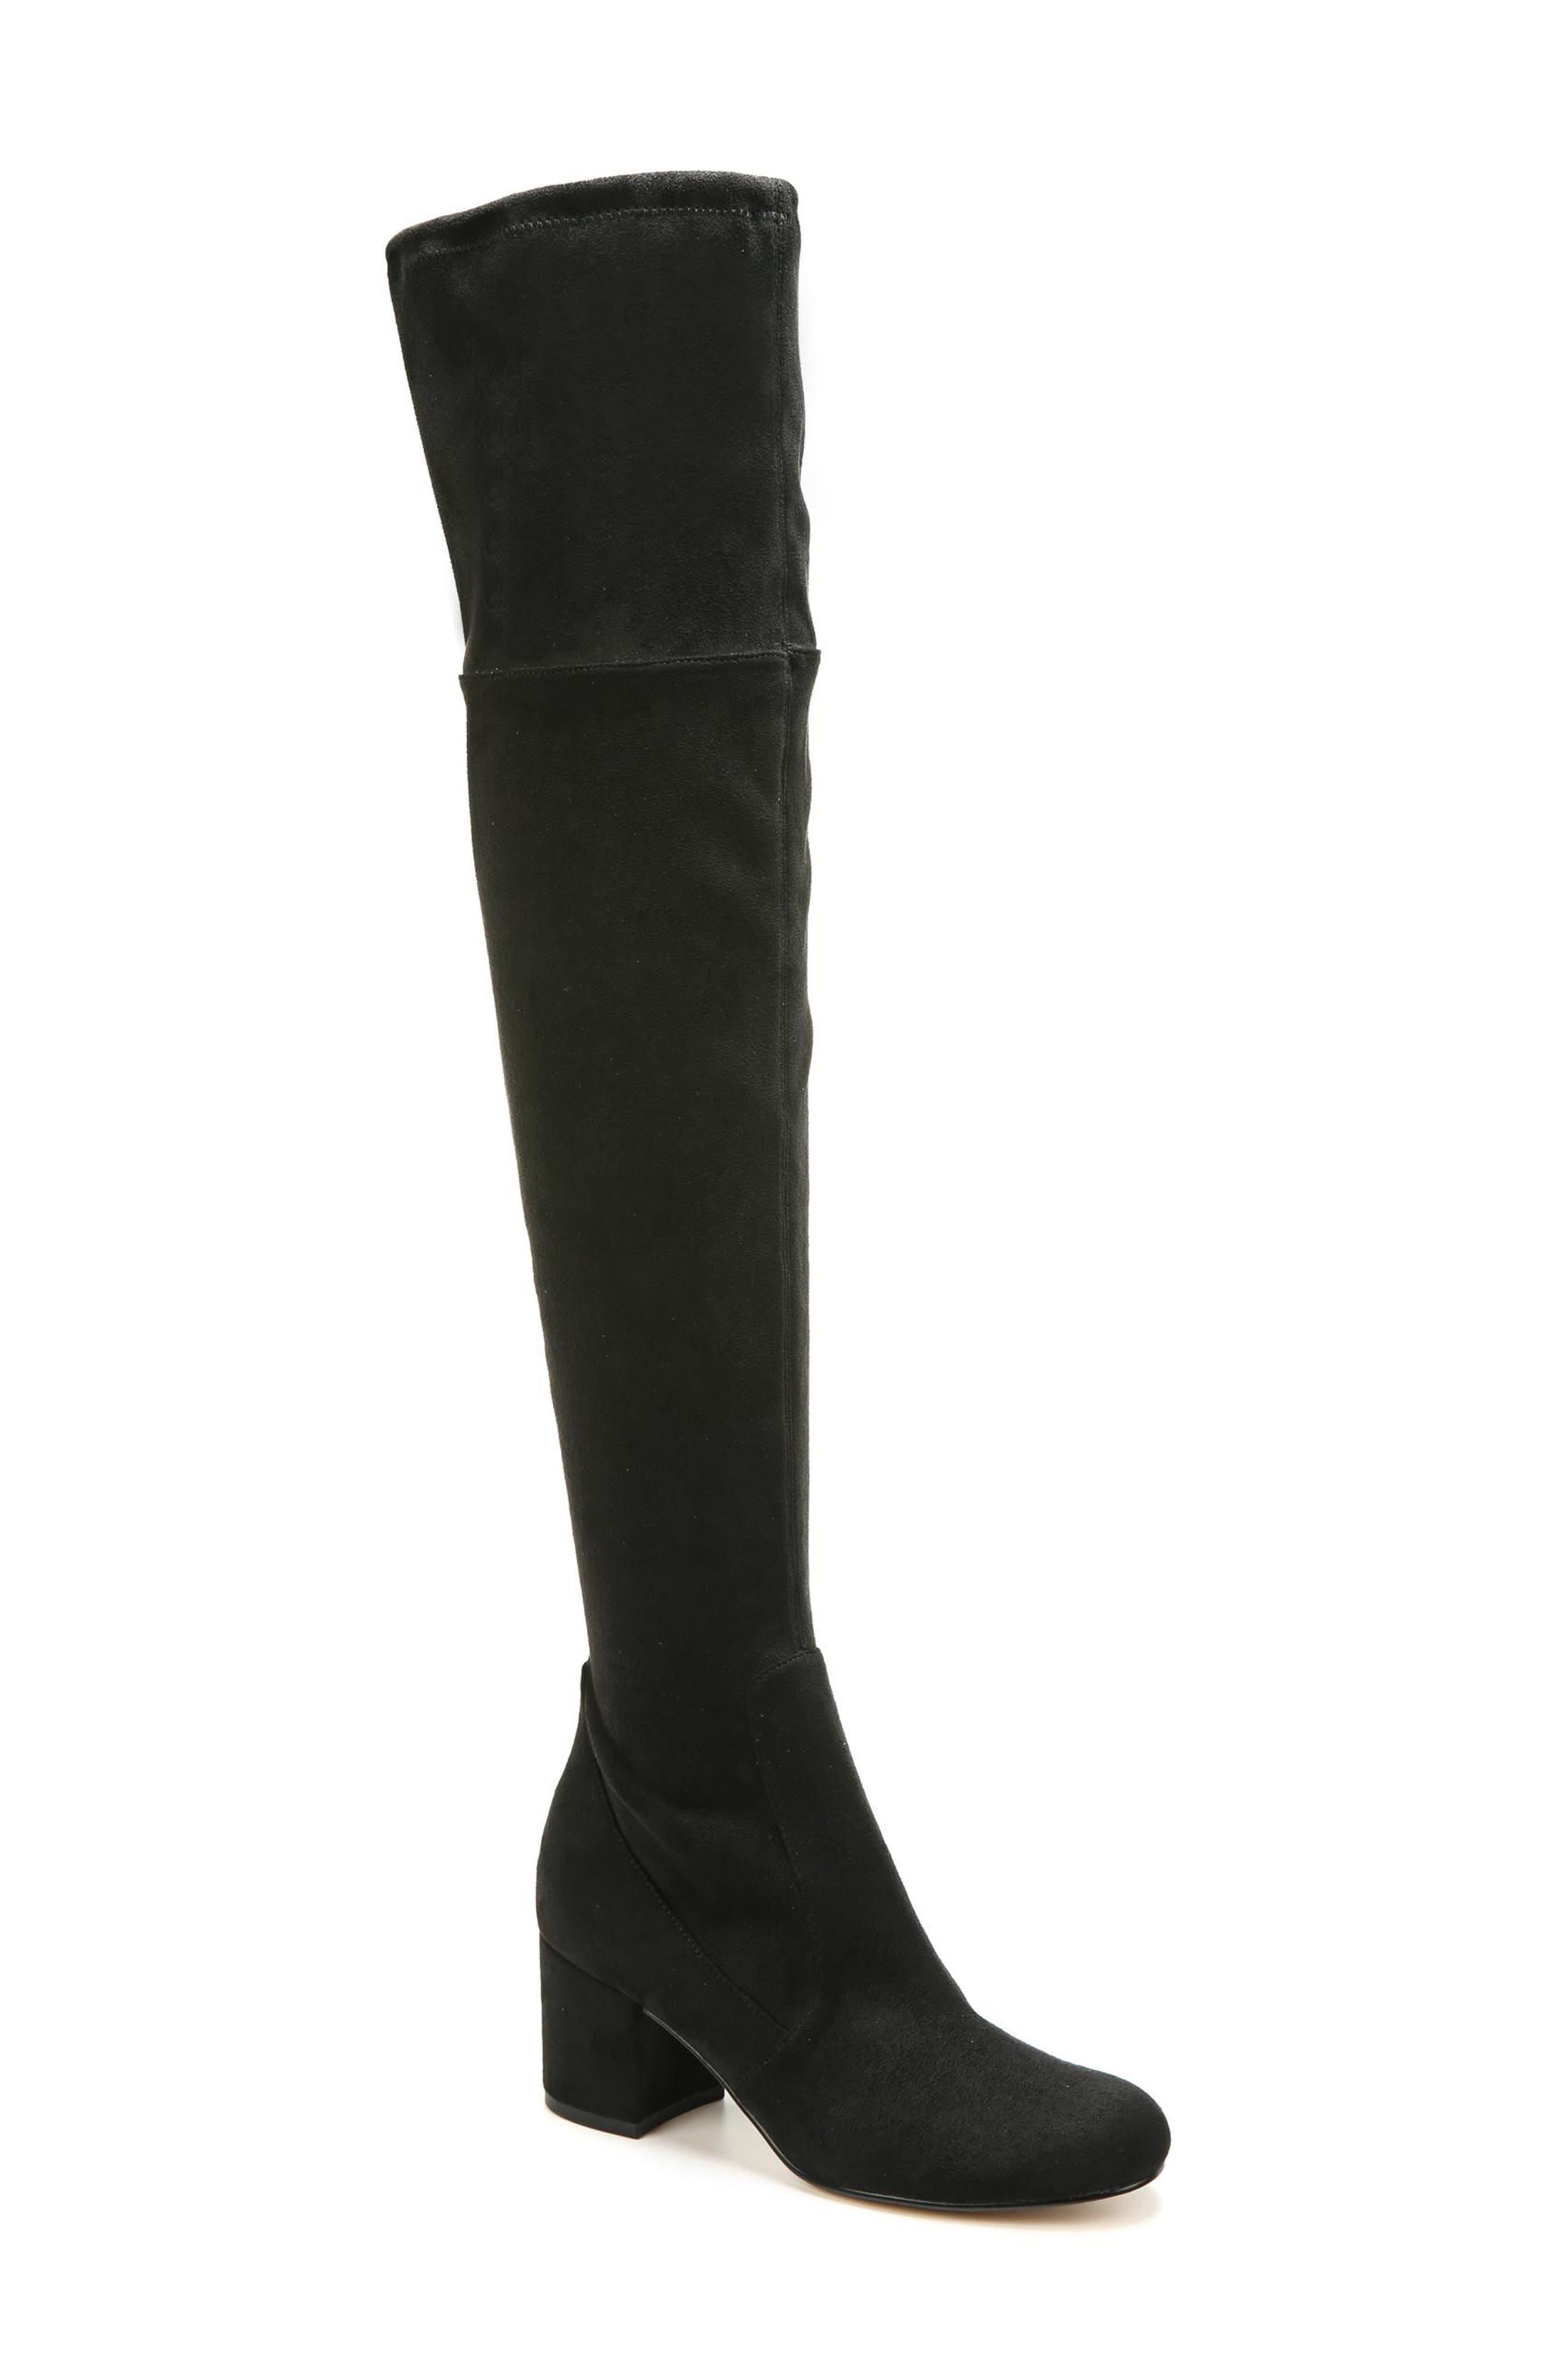 Alternate Image 1 Selected - Sam Edelman Varona Over the Knee Boot (Women)